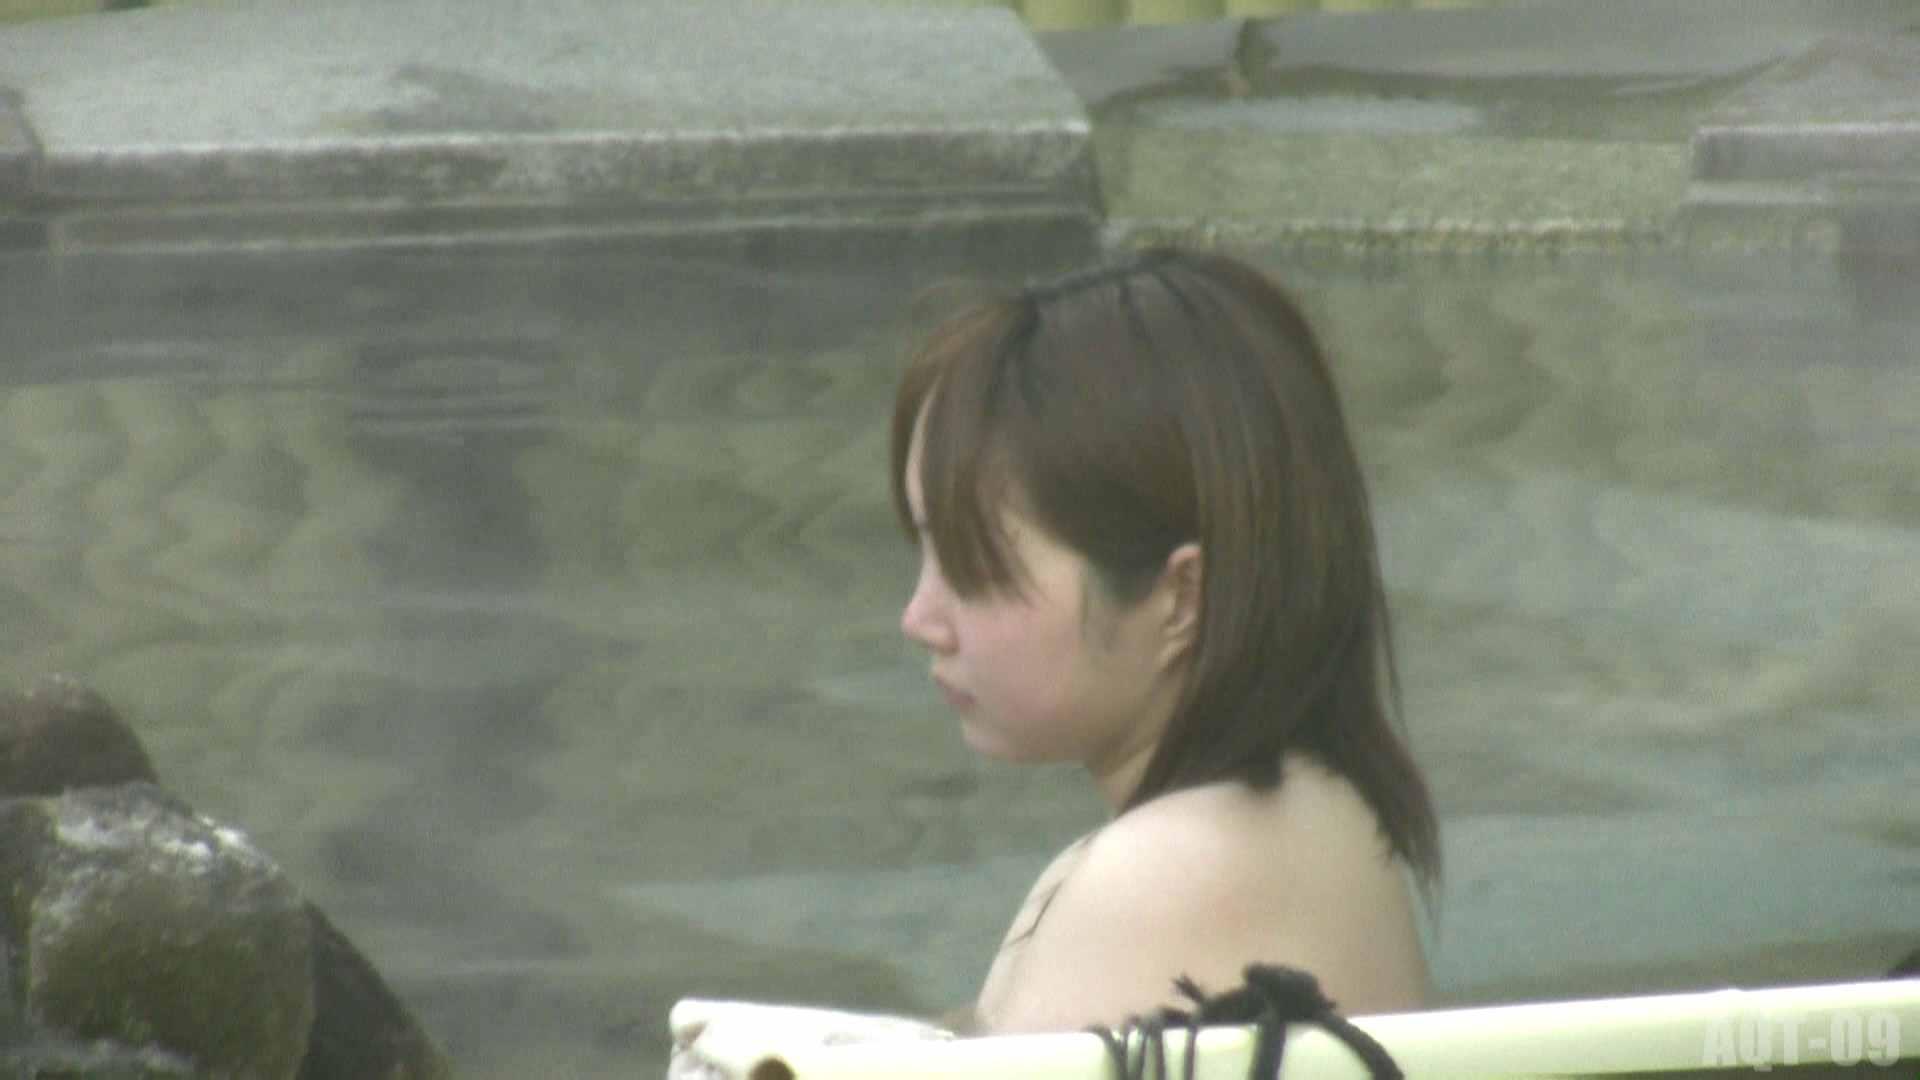 Aquaな露天風呂Vol.781 露天風呂  93連発 39